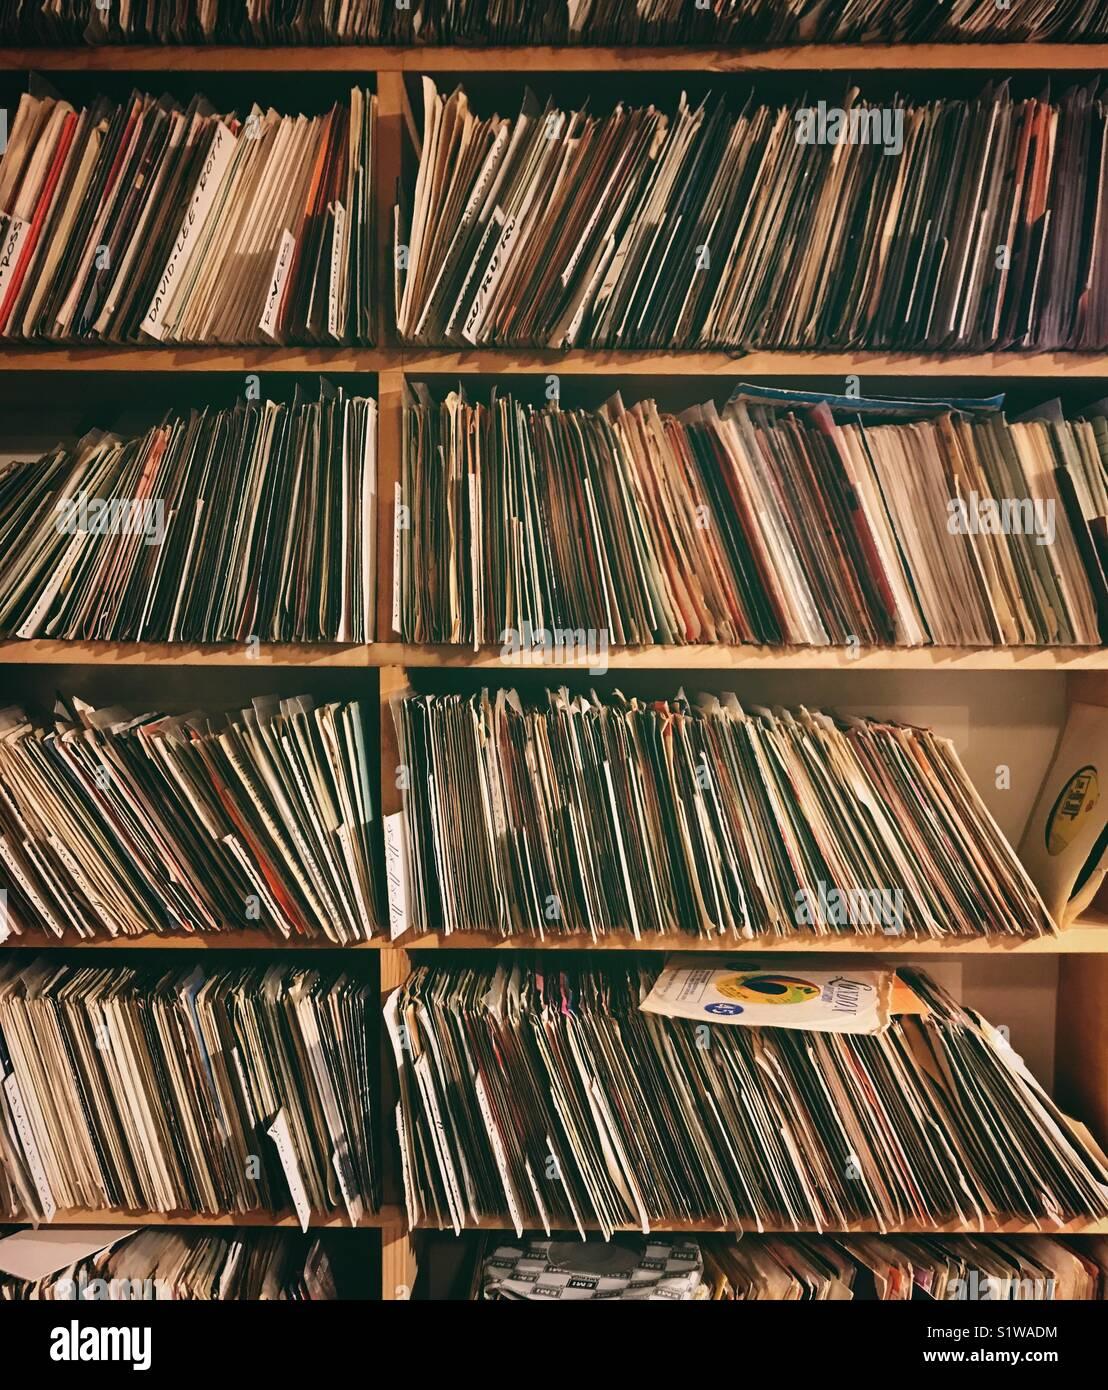 45 rpm record sui ripiani in corrispondenza di un archivio di record Immagini Stock